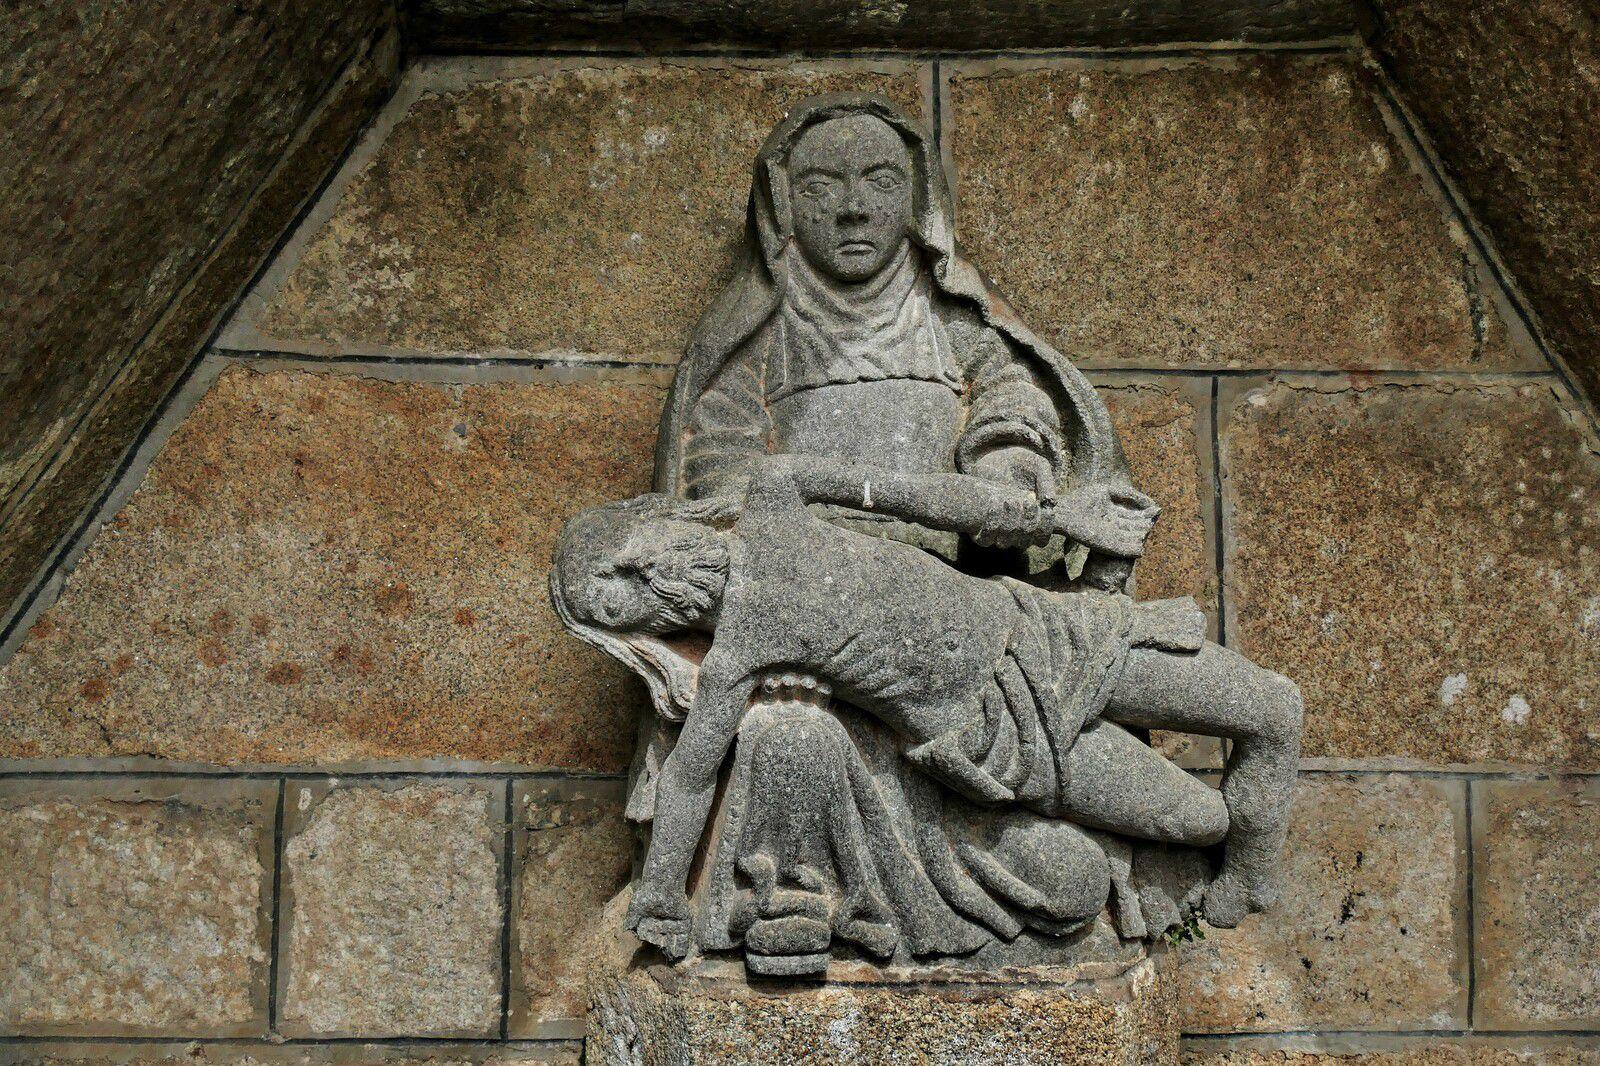 Vierge de Pitié (kersanton, atelier Prigent, vers 1550) de la fontaine de dévotion de Lambader à Plouvorn. Photographie lavieb-aile.